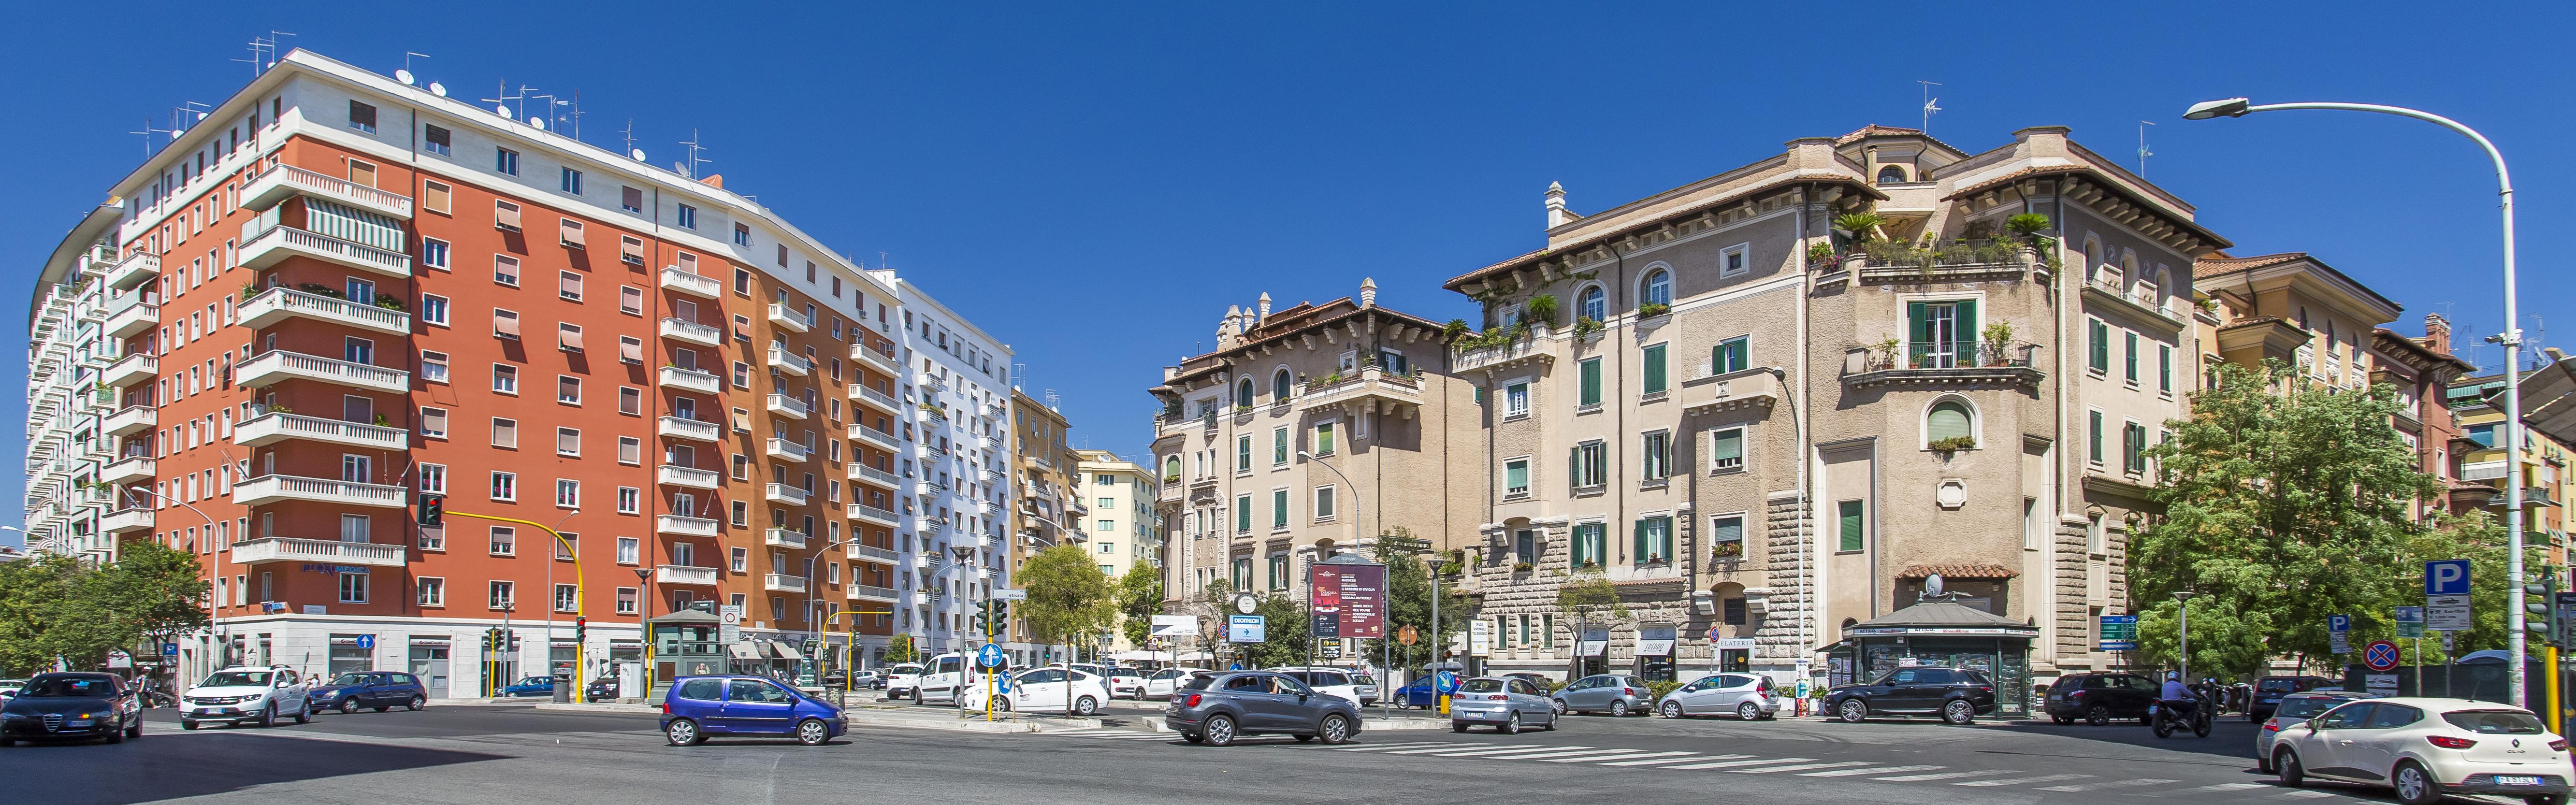 Comprare e vendere casa in zona san giovanni roma prezzi for Comprare casa a roma centro